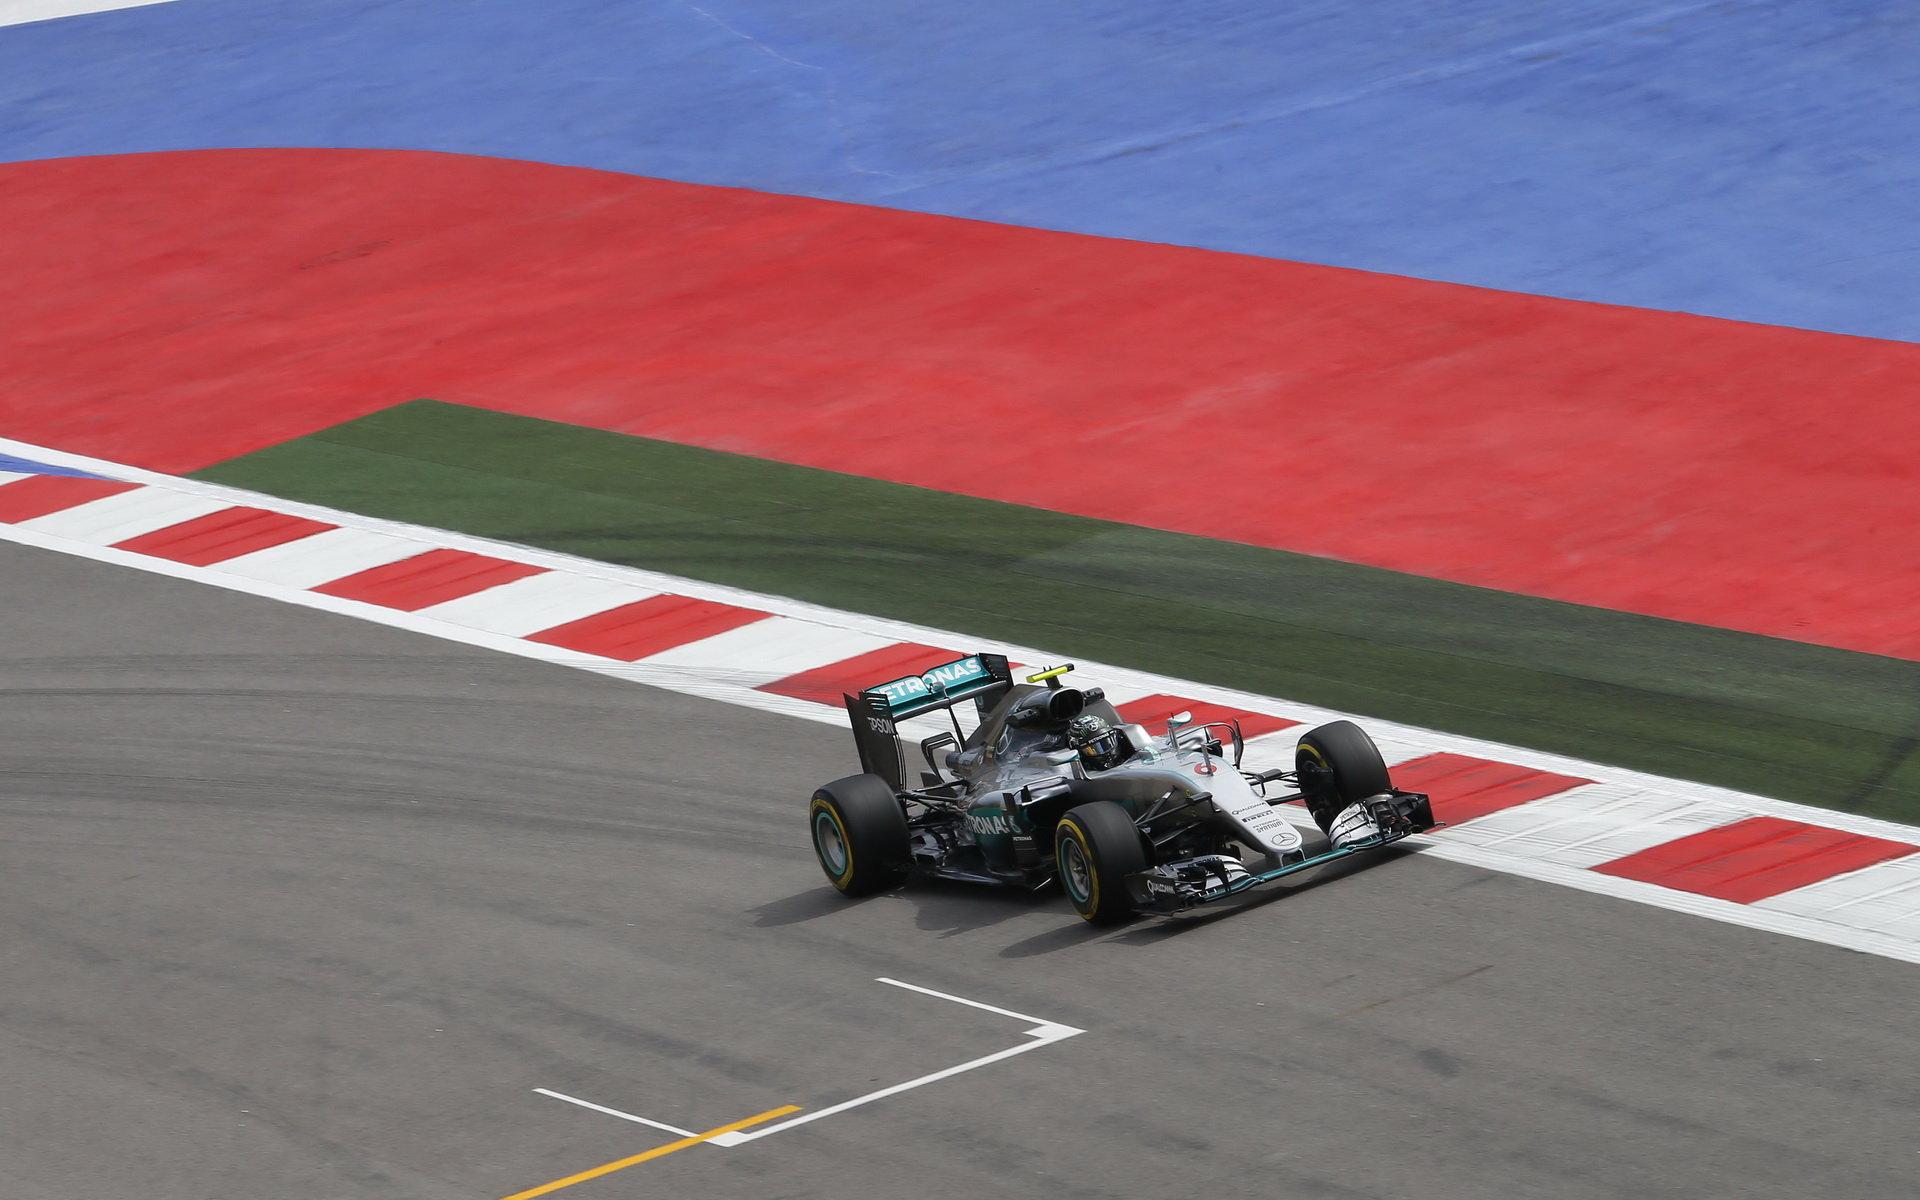 ANALÝZA: Rosberg dominoval ve třetím sektoru, Vettel s Ferrari 339 km/h - anotační foto